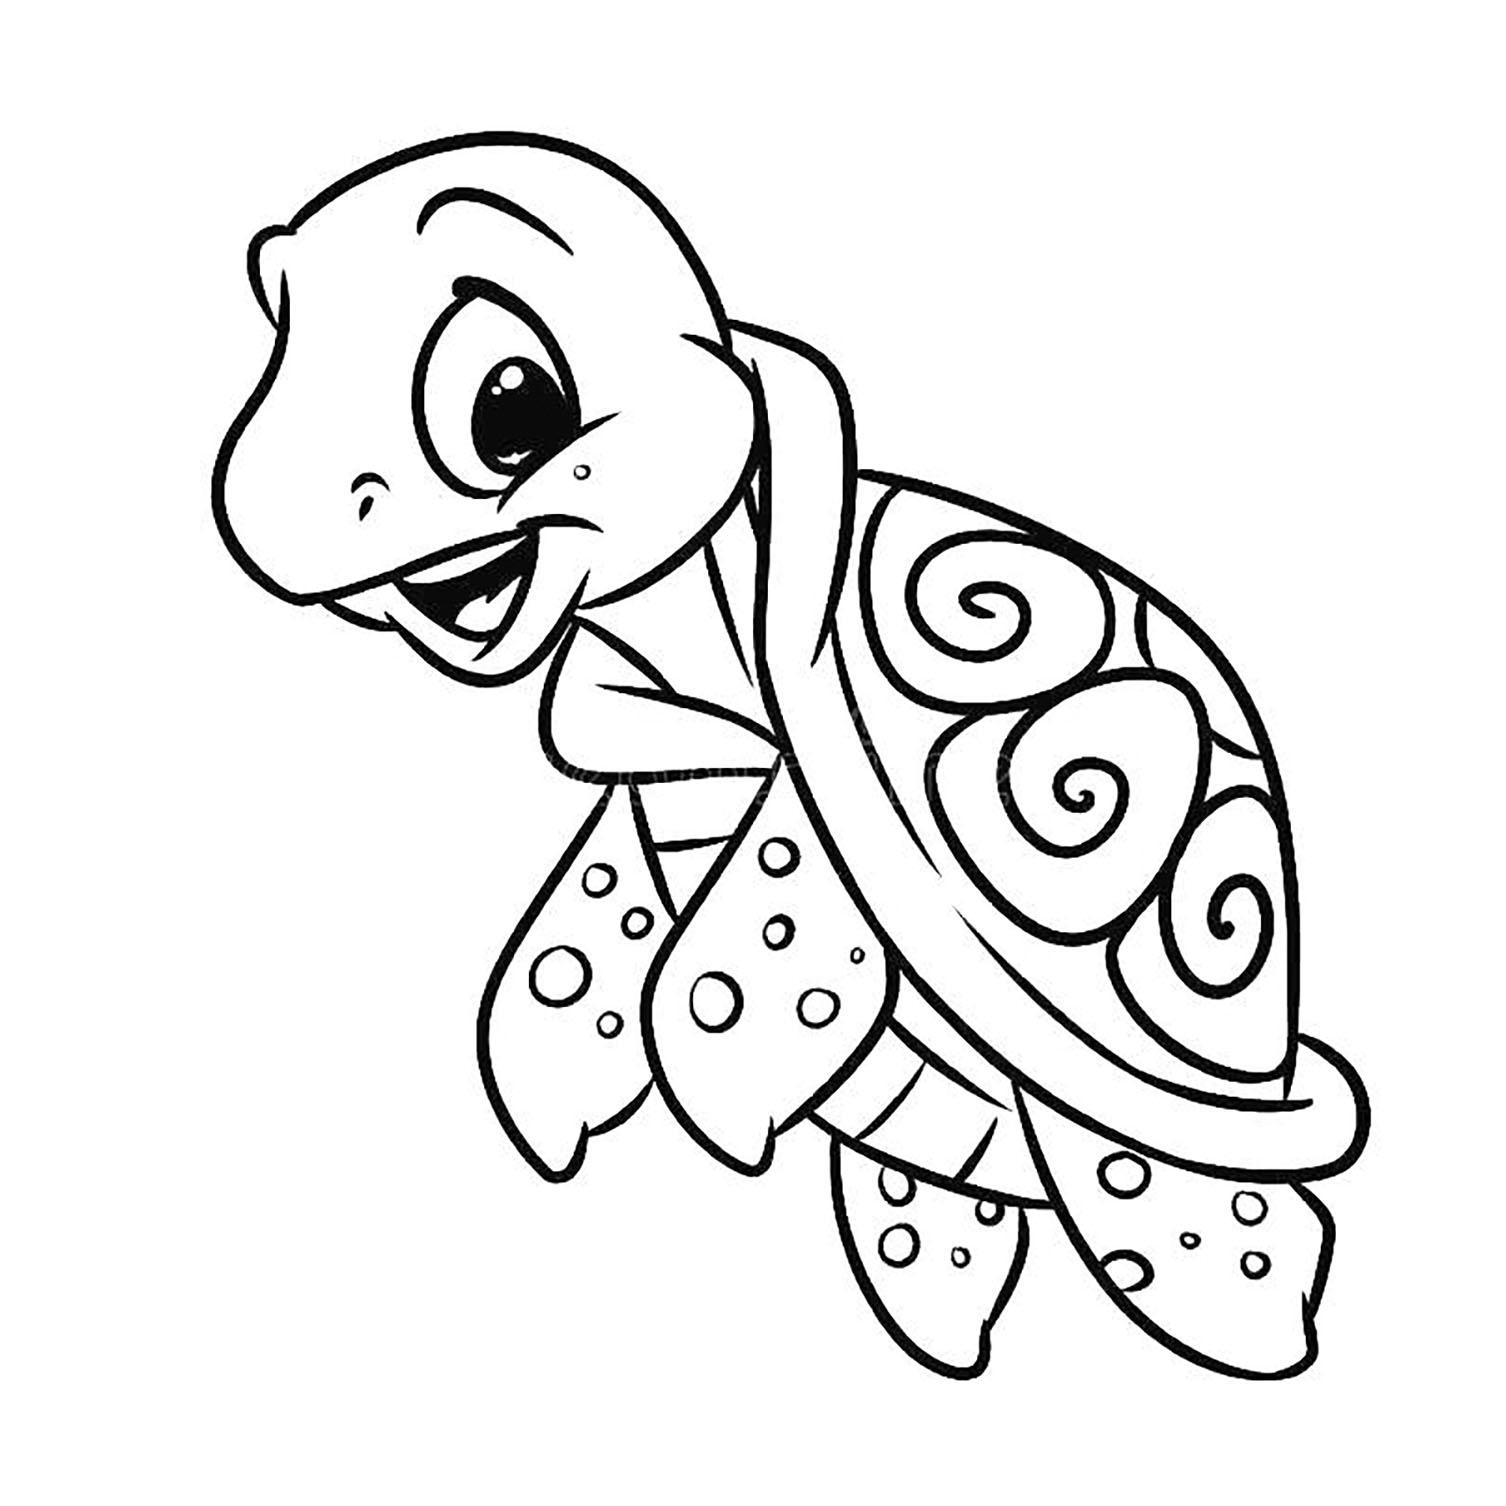 Coloriage de tortue à colorier pour enfants - Coloriage de ...